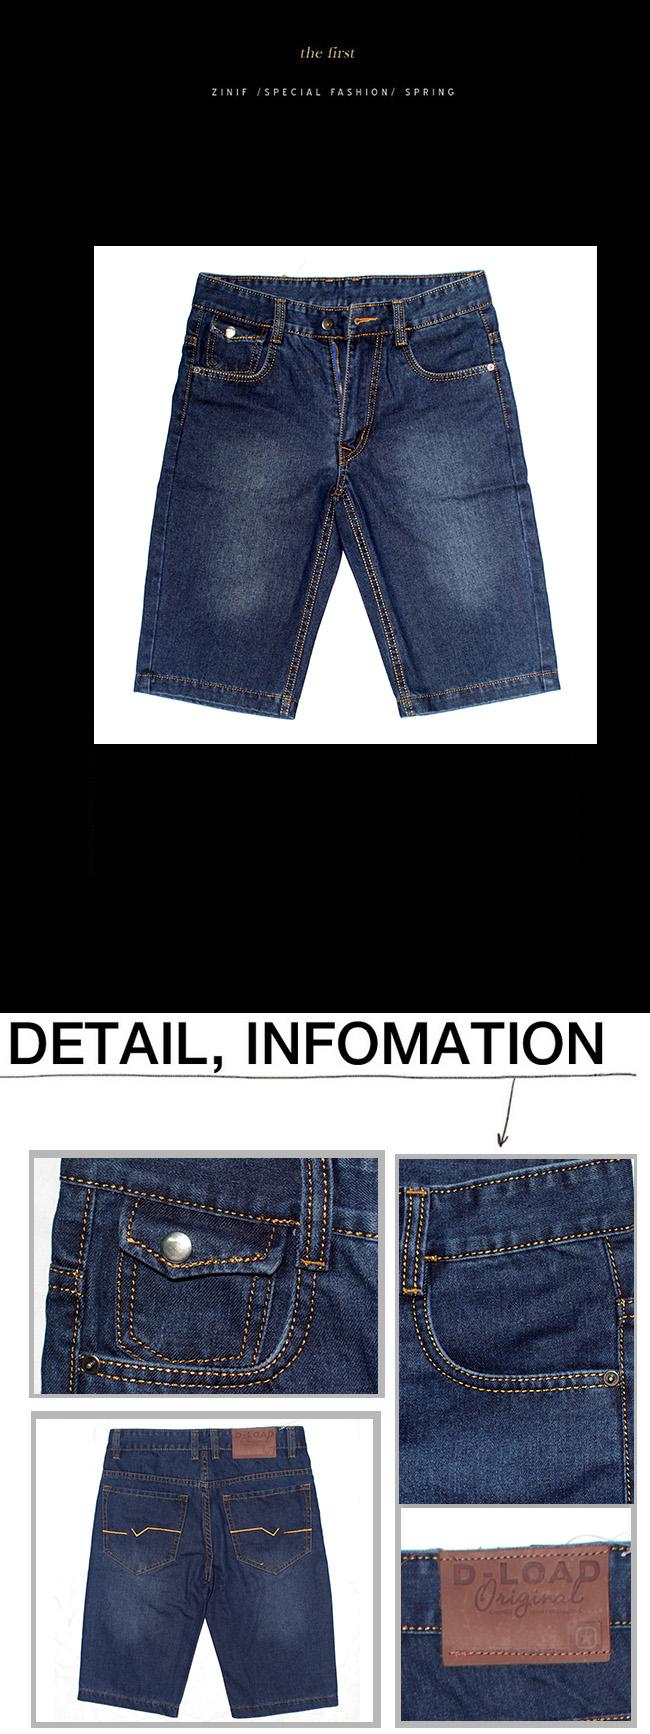 Quần short jeans xanh đen qs08 - 1